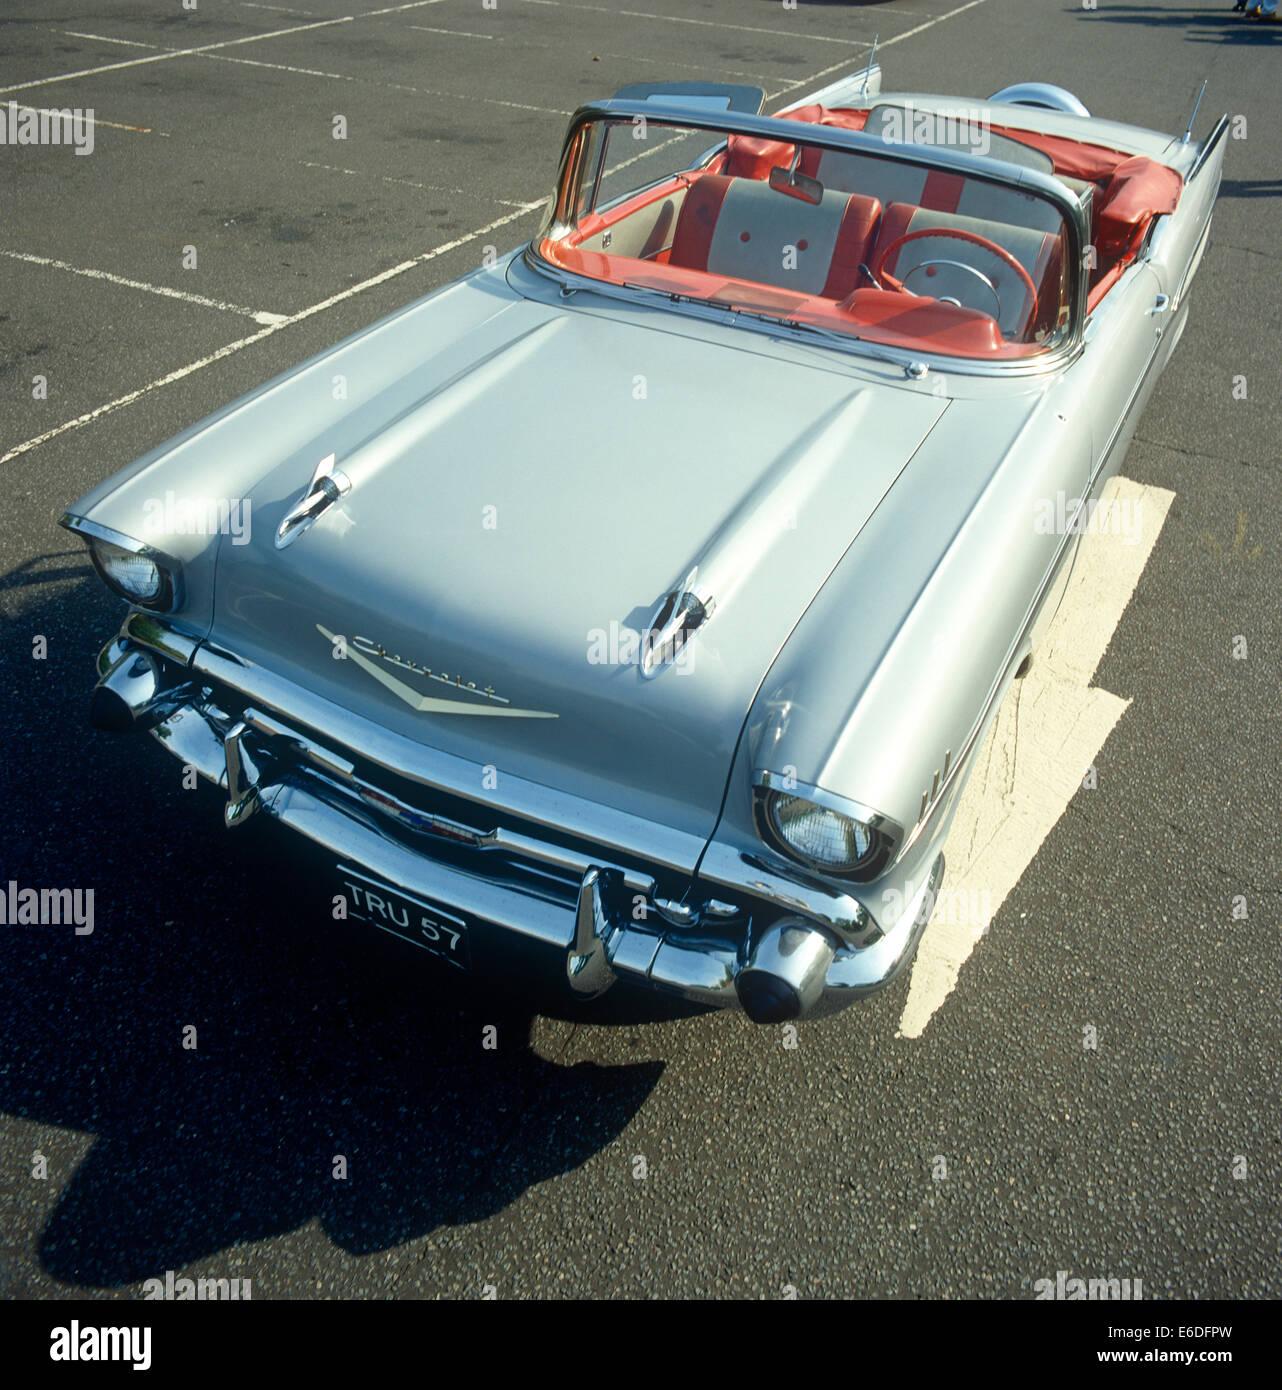 Classic 1957 Chevrolet Imagen De Stock